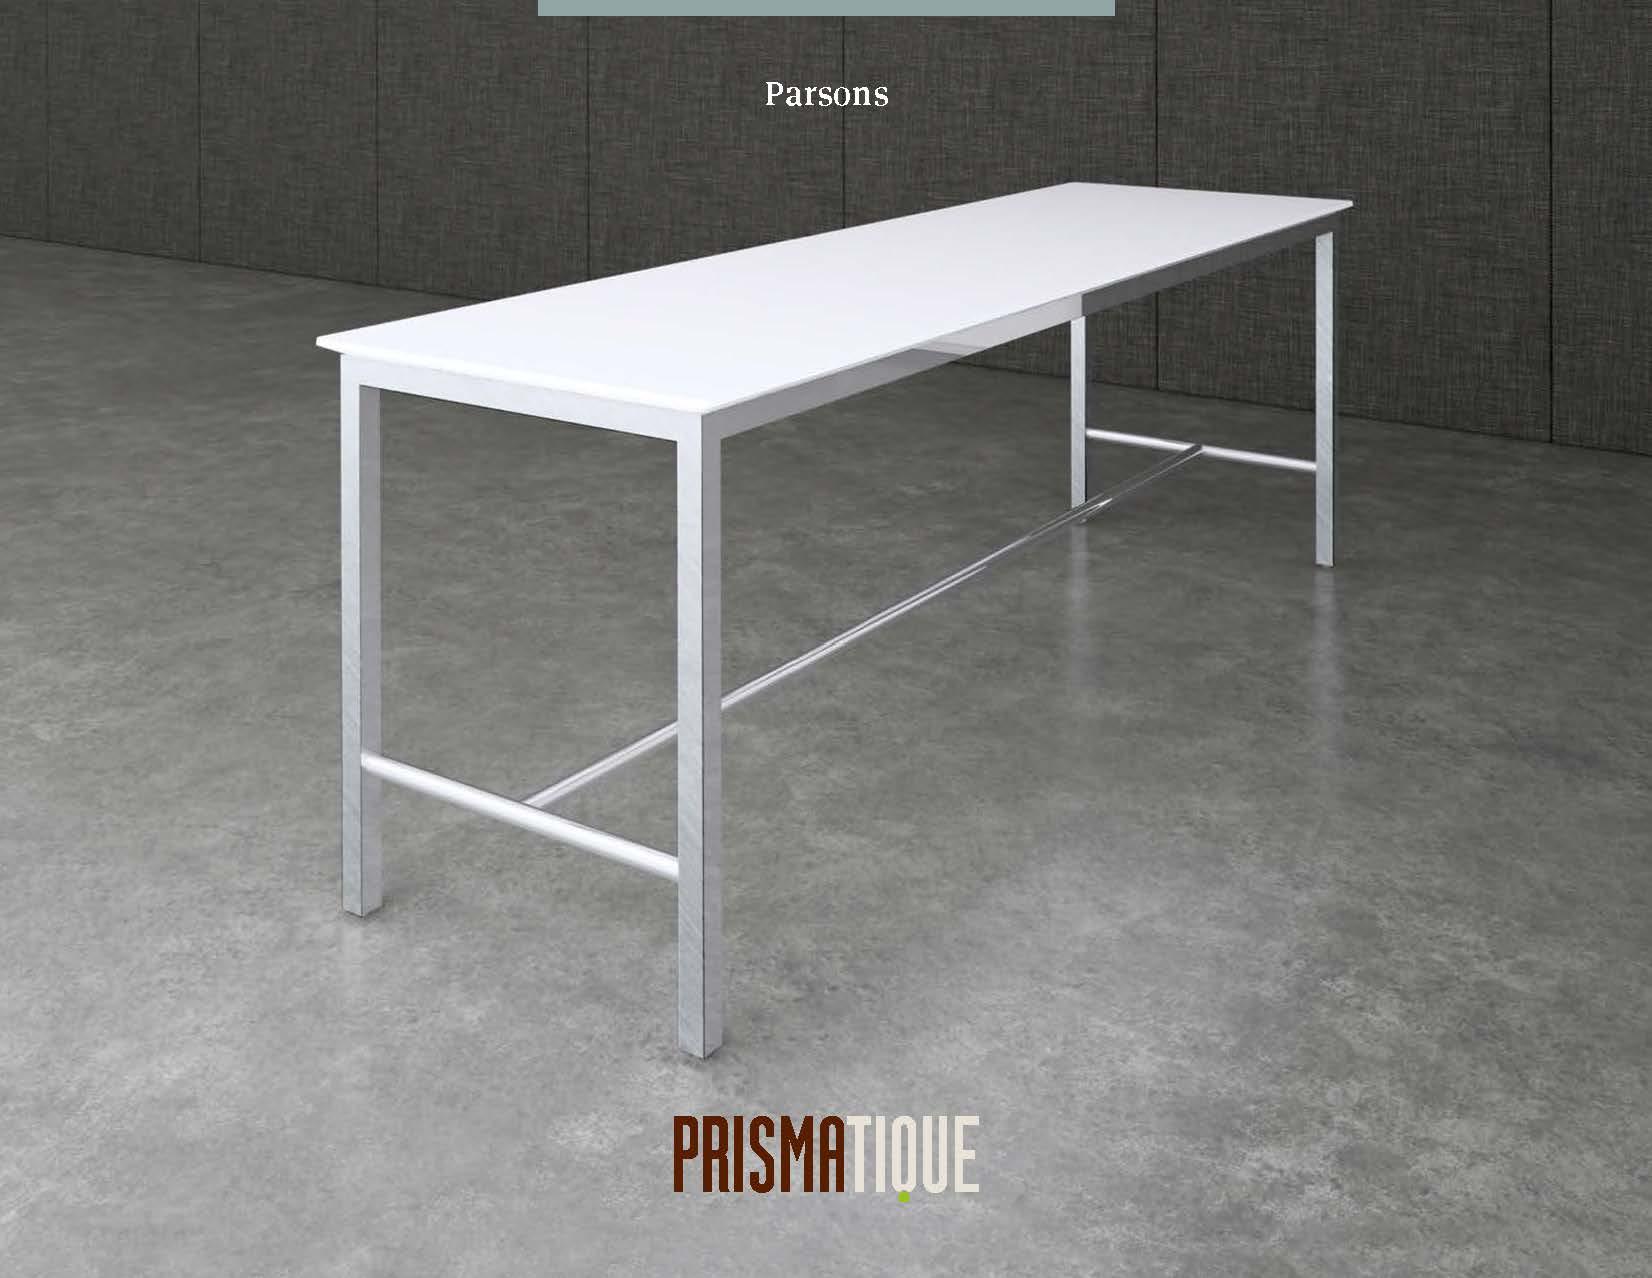 Prismatique Catalog_Parsons Brochure Cover